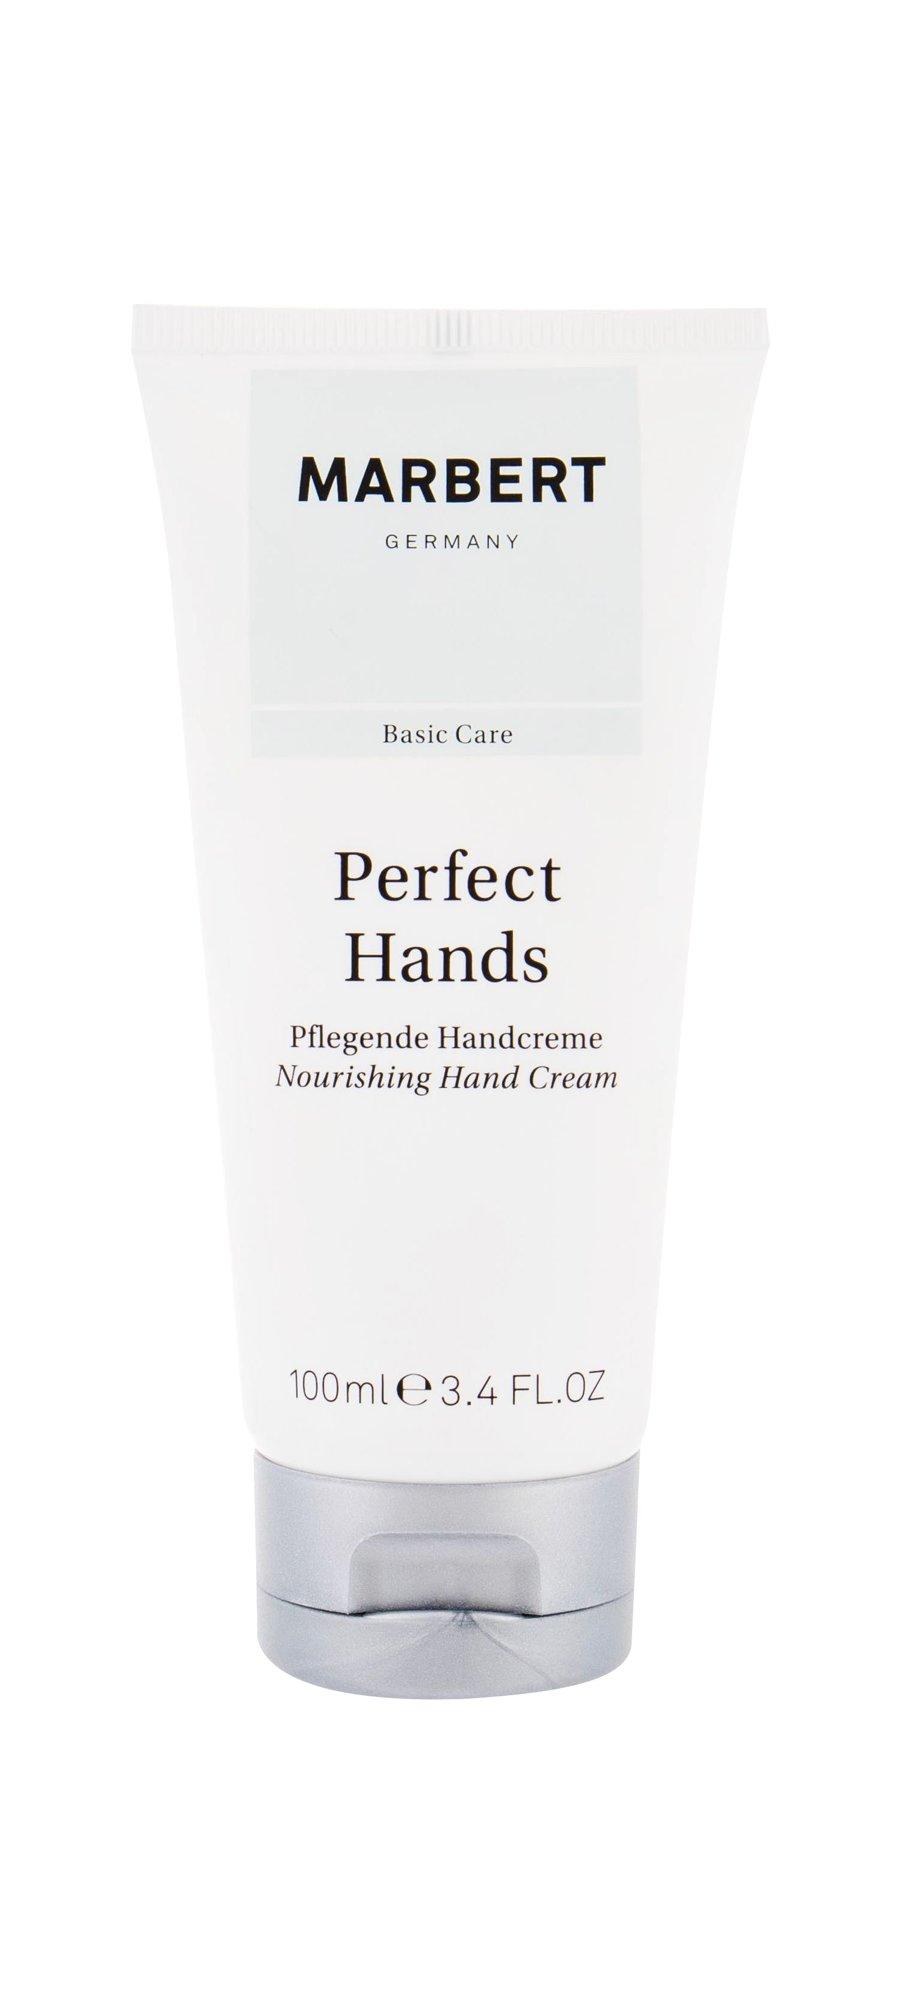 Marbert Basic Care Hand Cream 100ml